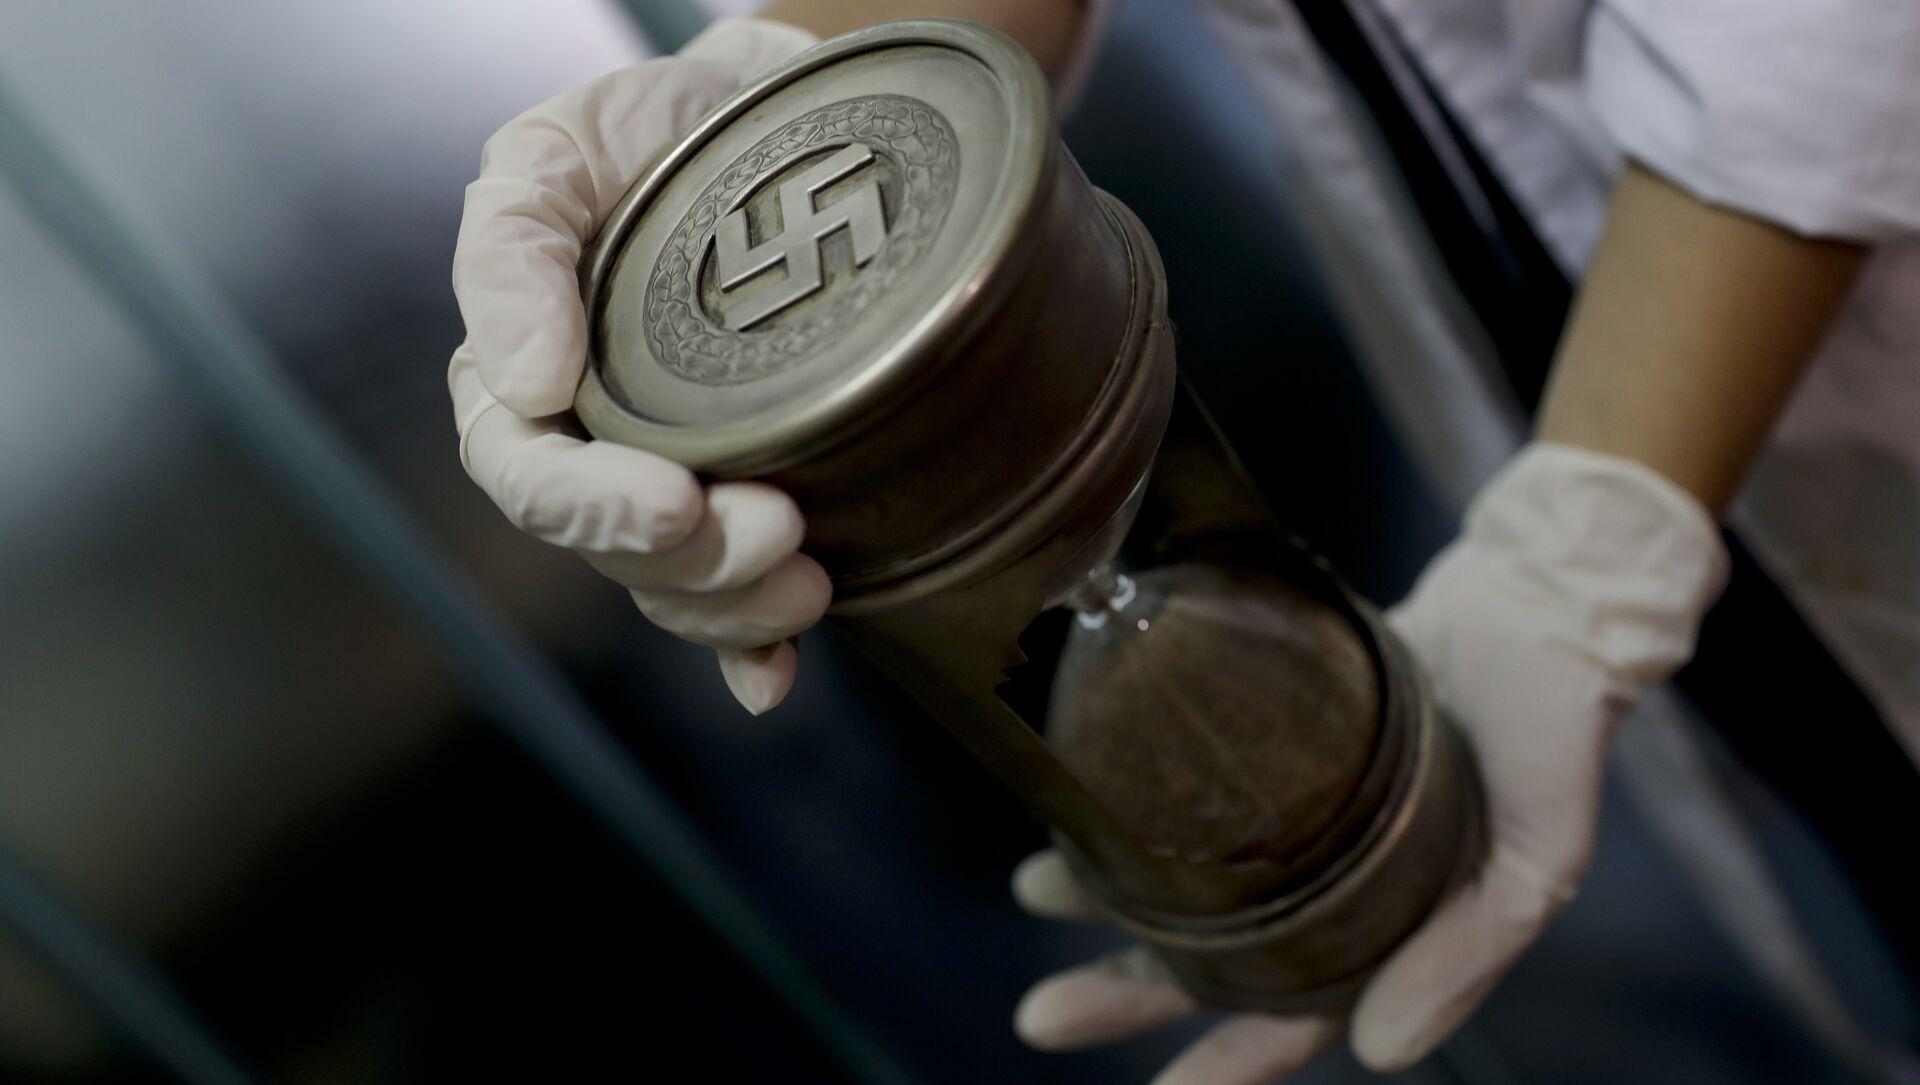 Artefactos con simbología nazi encontrados en Argentina en junio de 2017 - Sputnik Mundo, 1920, 07.05.2019